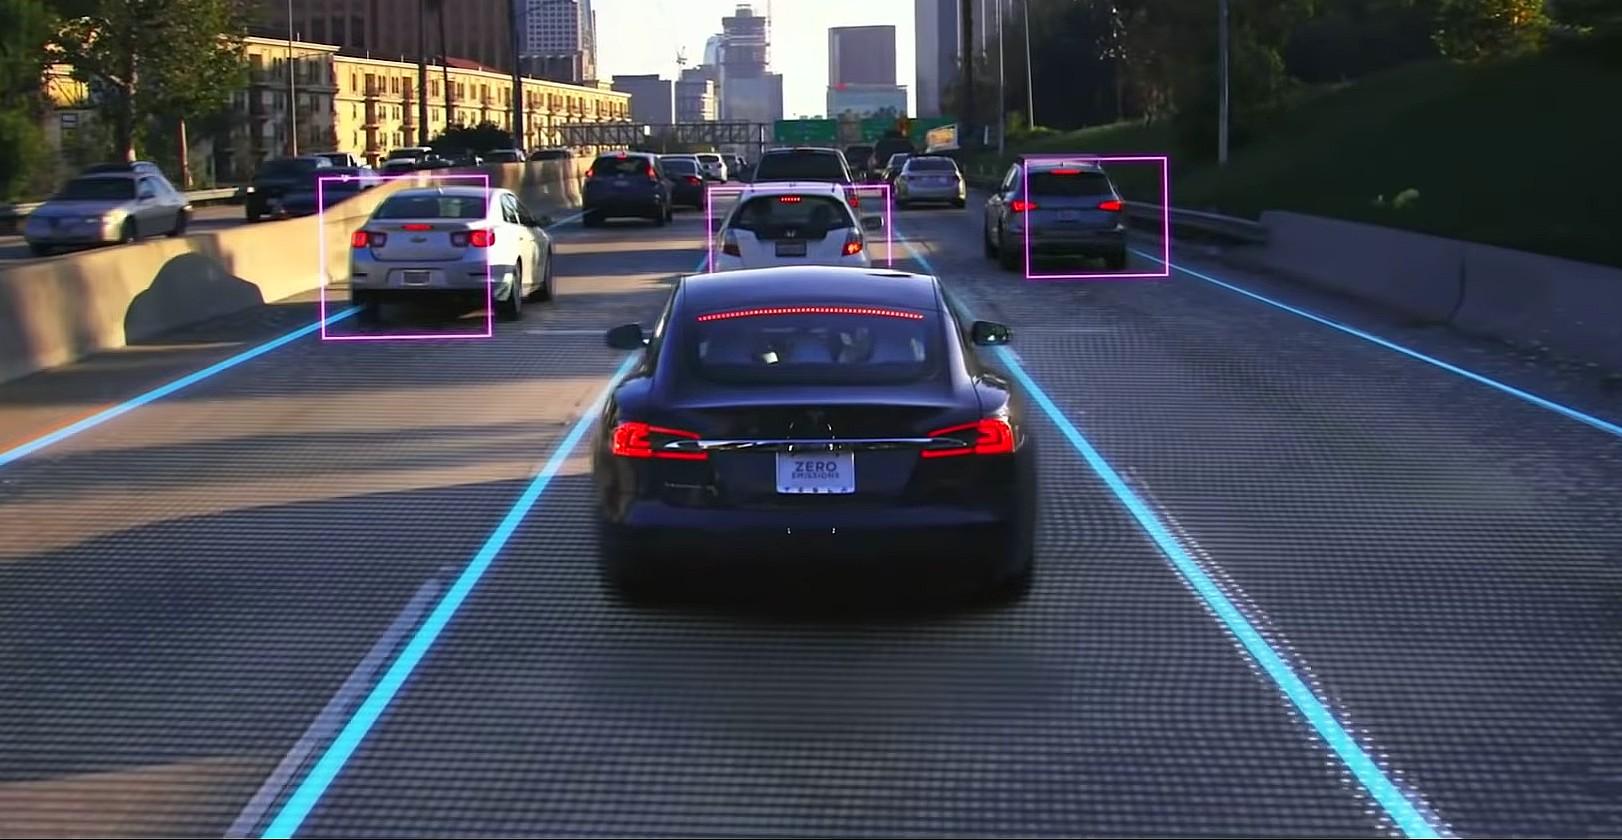 Tesla (TSLA) Влияние Роботакси на целевые цены уже начинает действовать